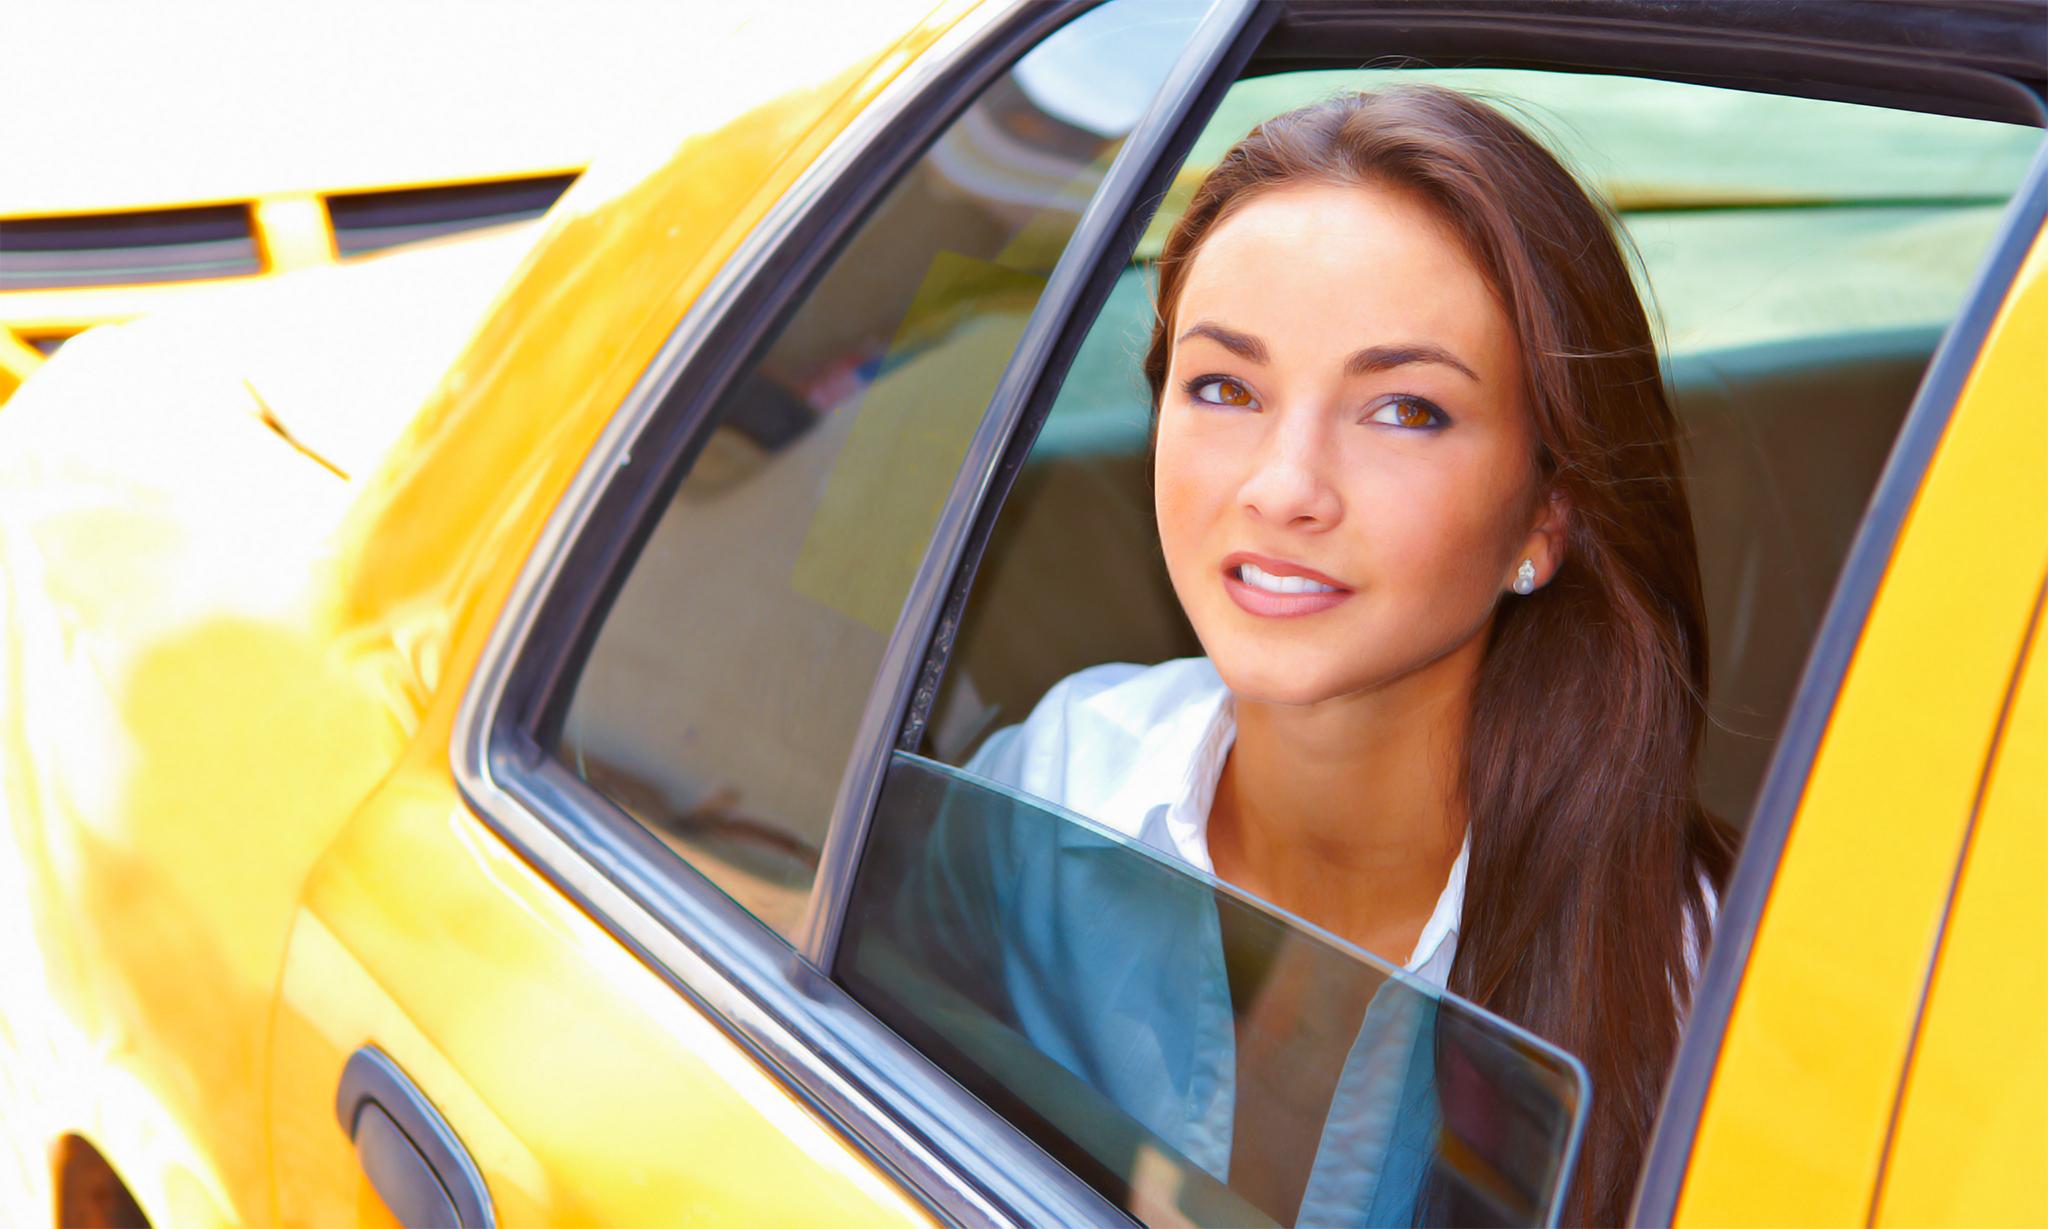 Таксист разводит девушек 20 фотография